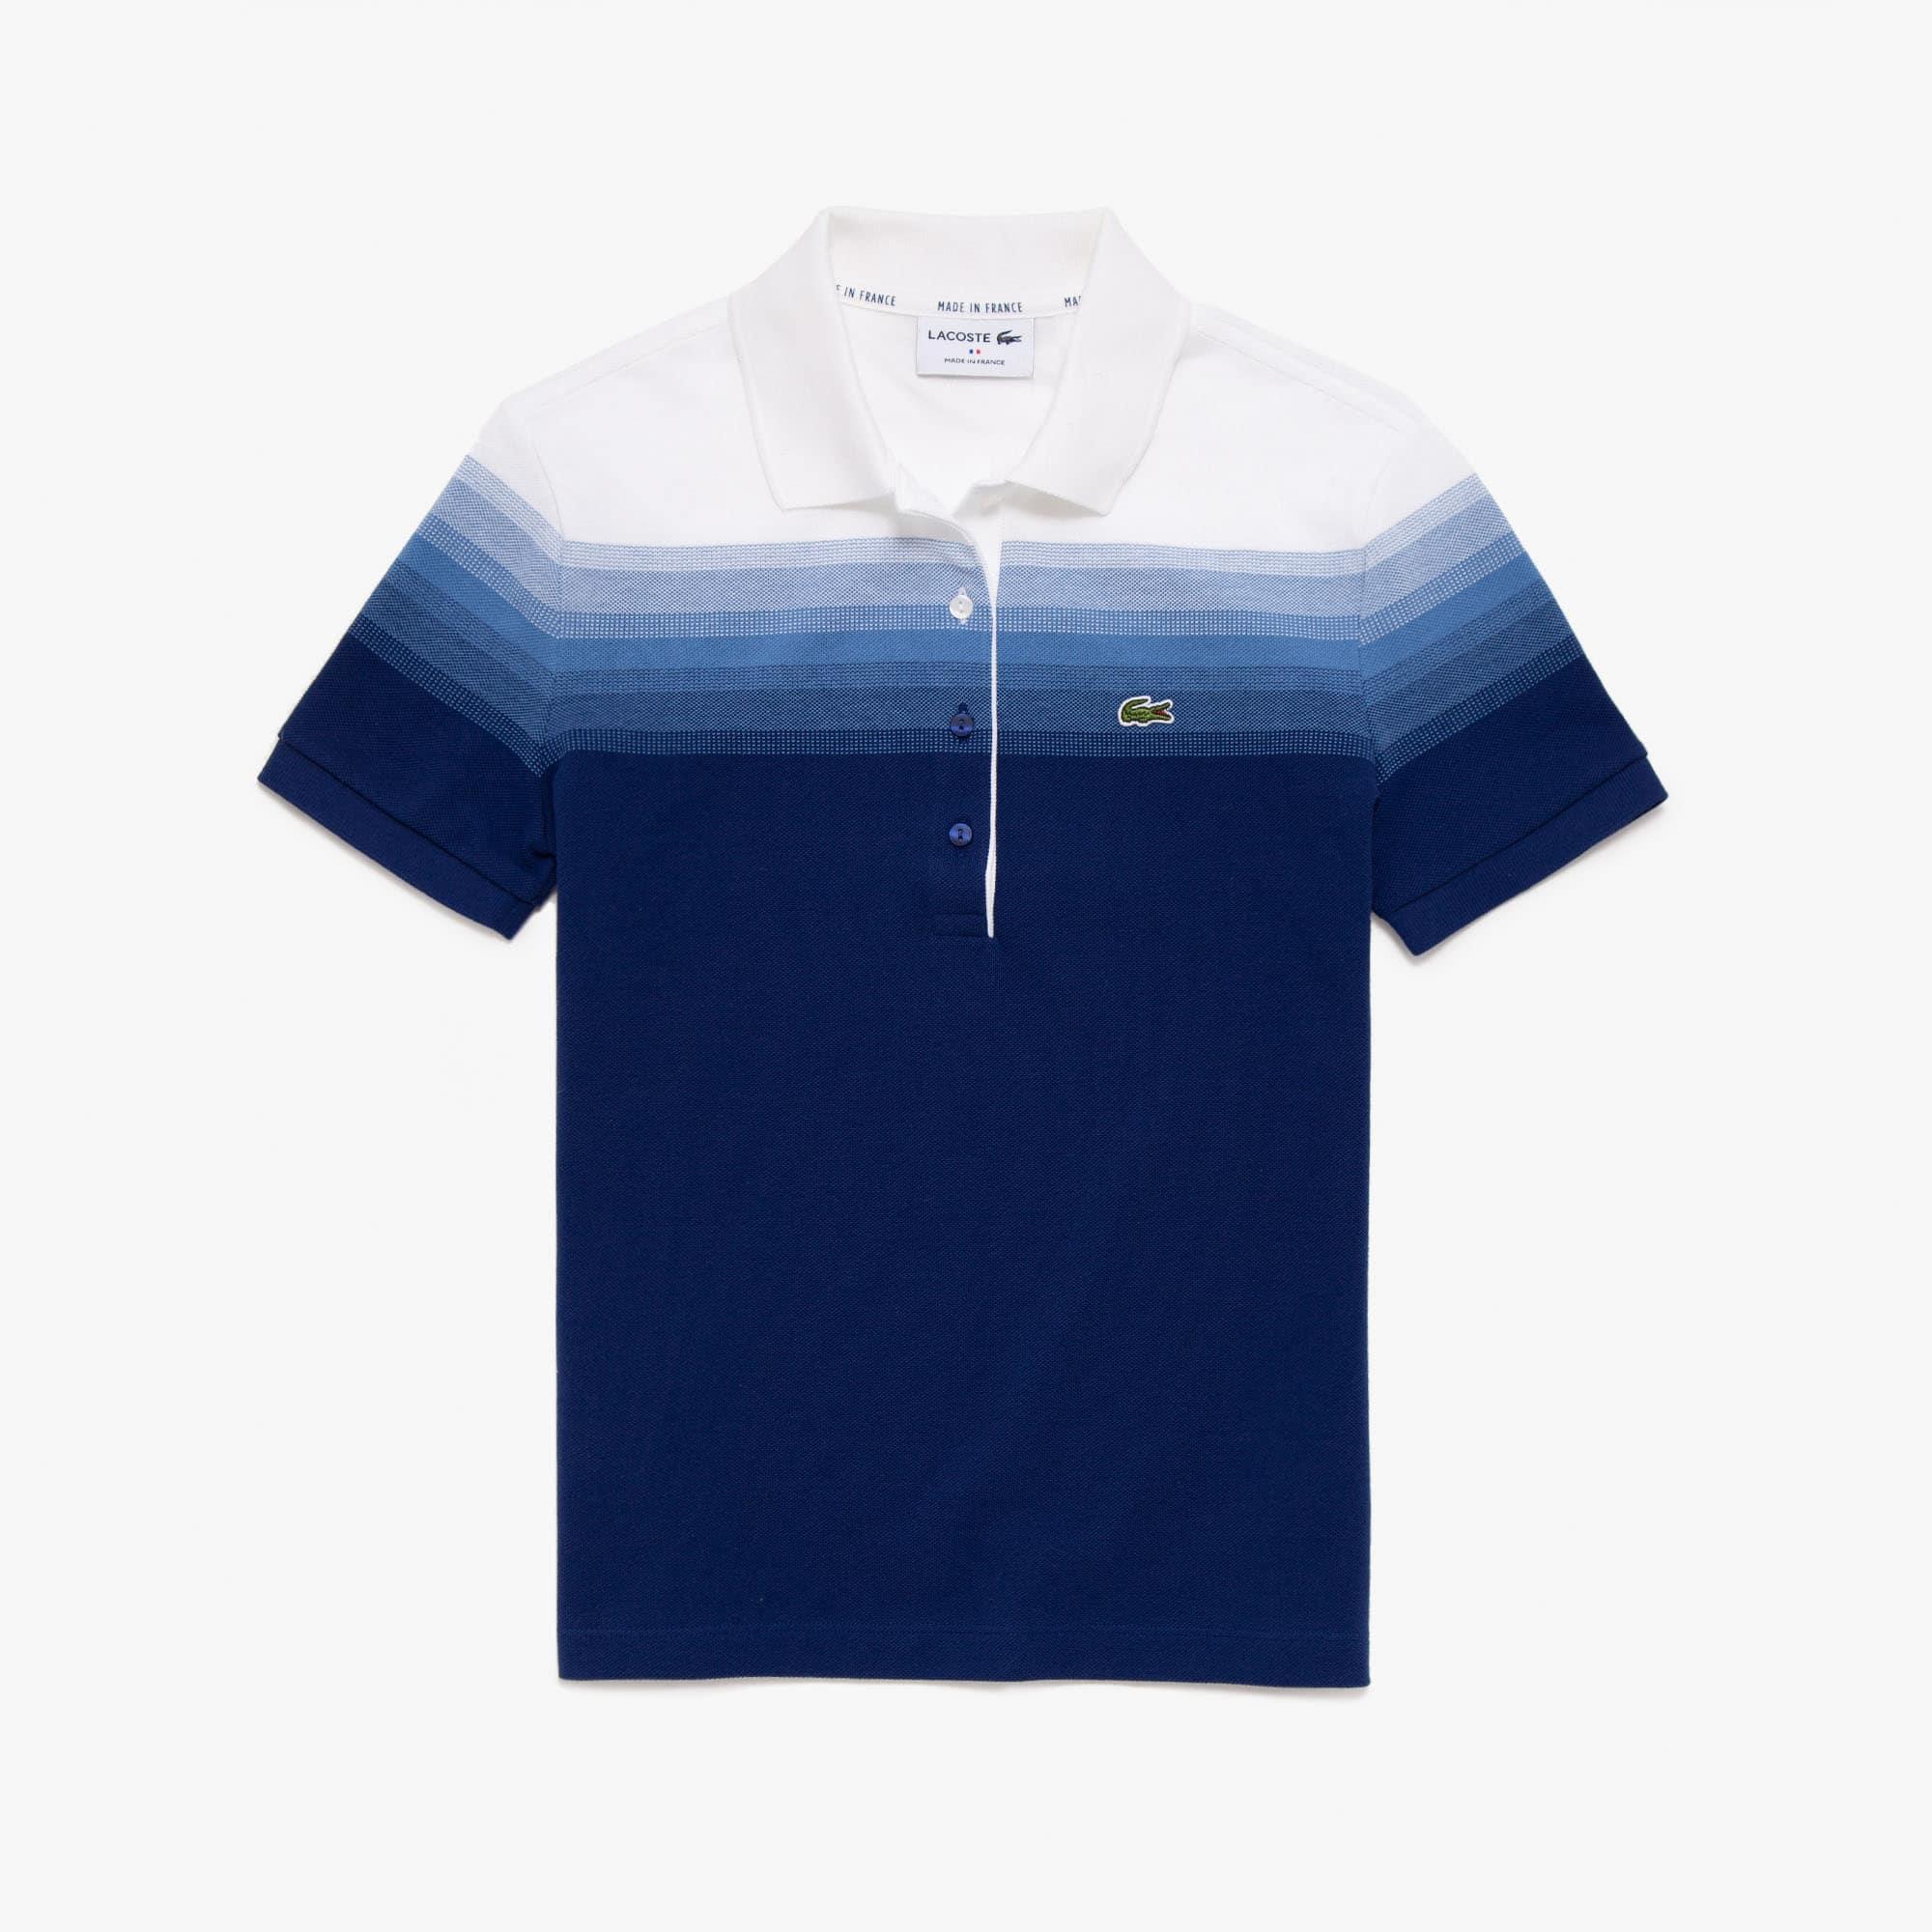 라코스테 '메이드 인 프랑스' 피케 폴로 셔츠 Lacoste Womens Made in France Organic Cotton Pique Polo Shirt